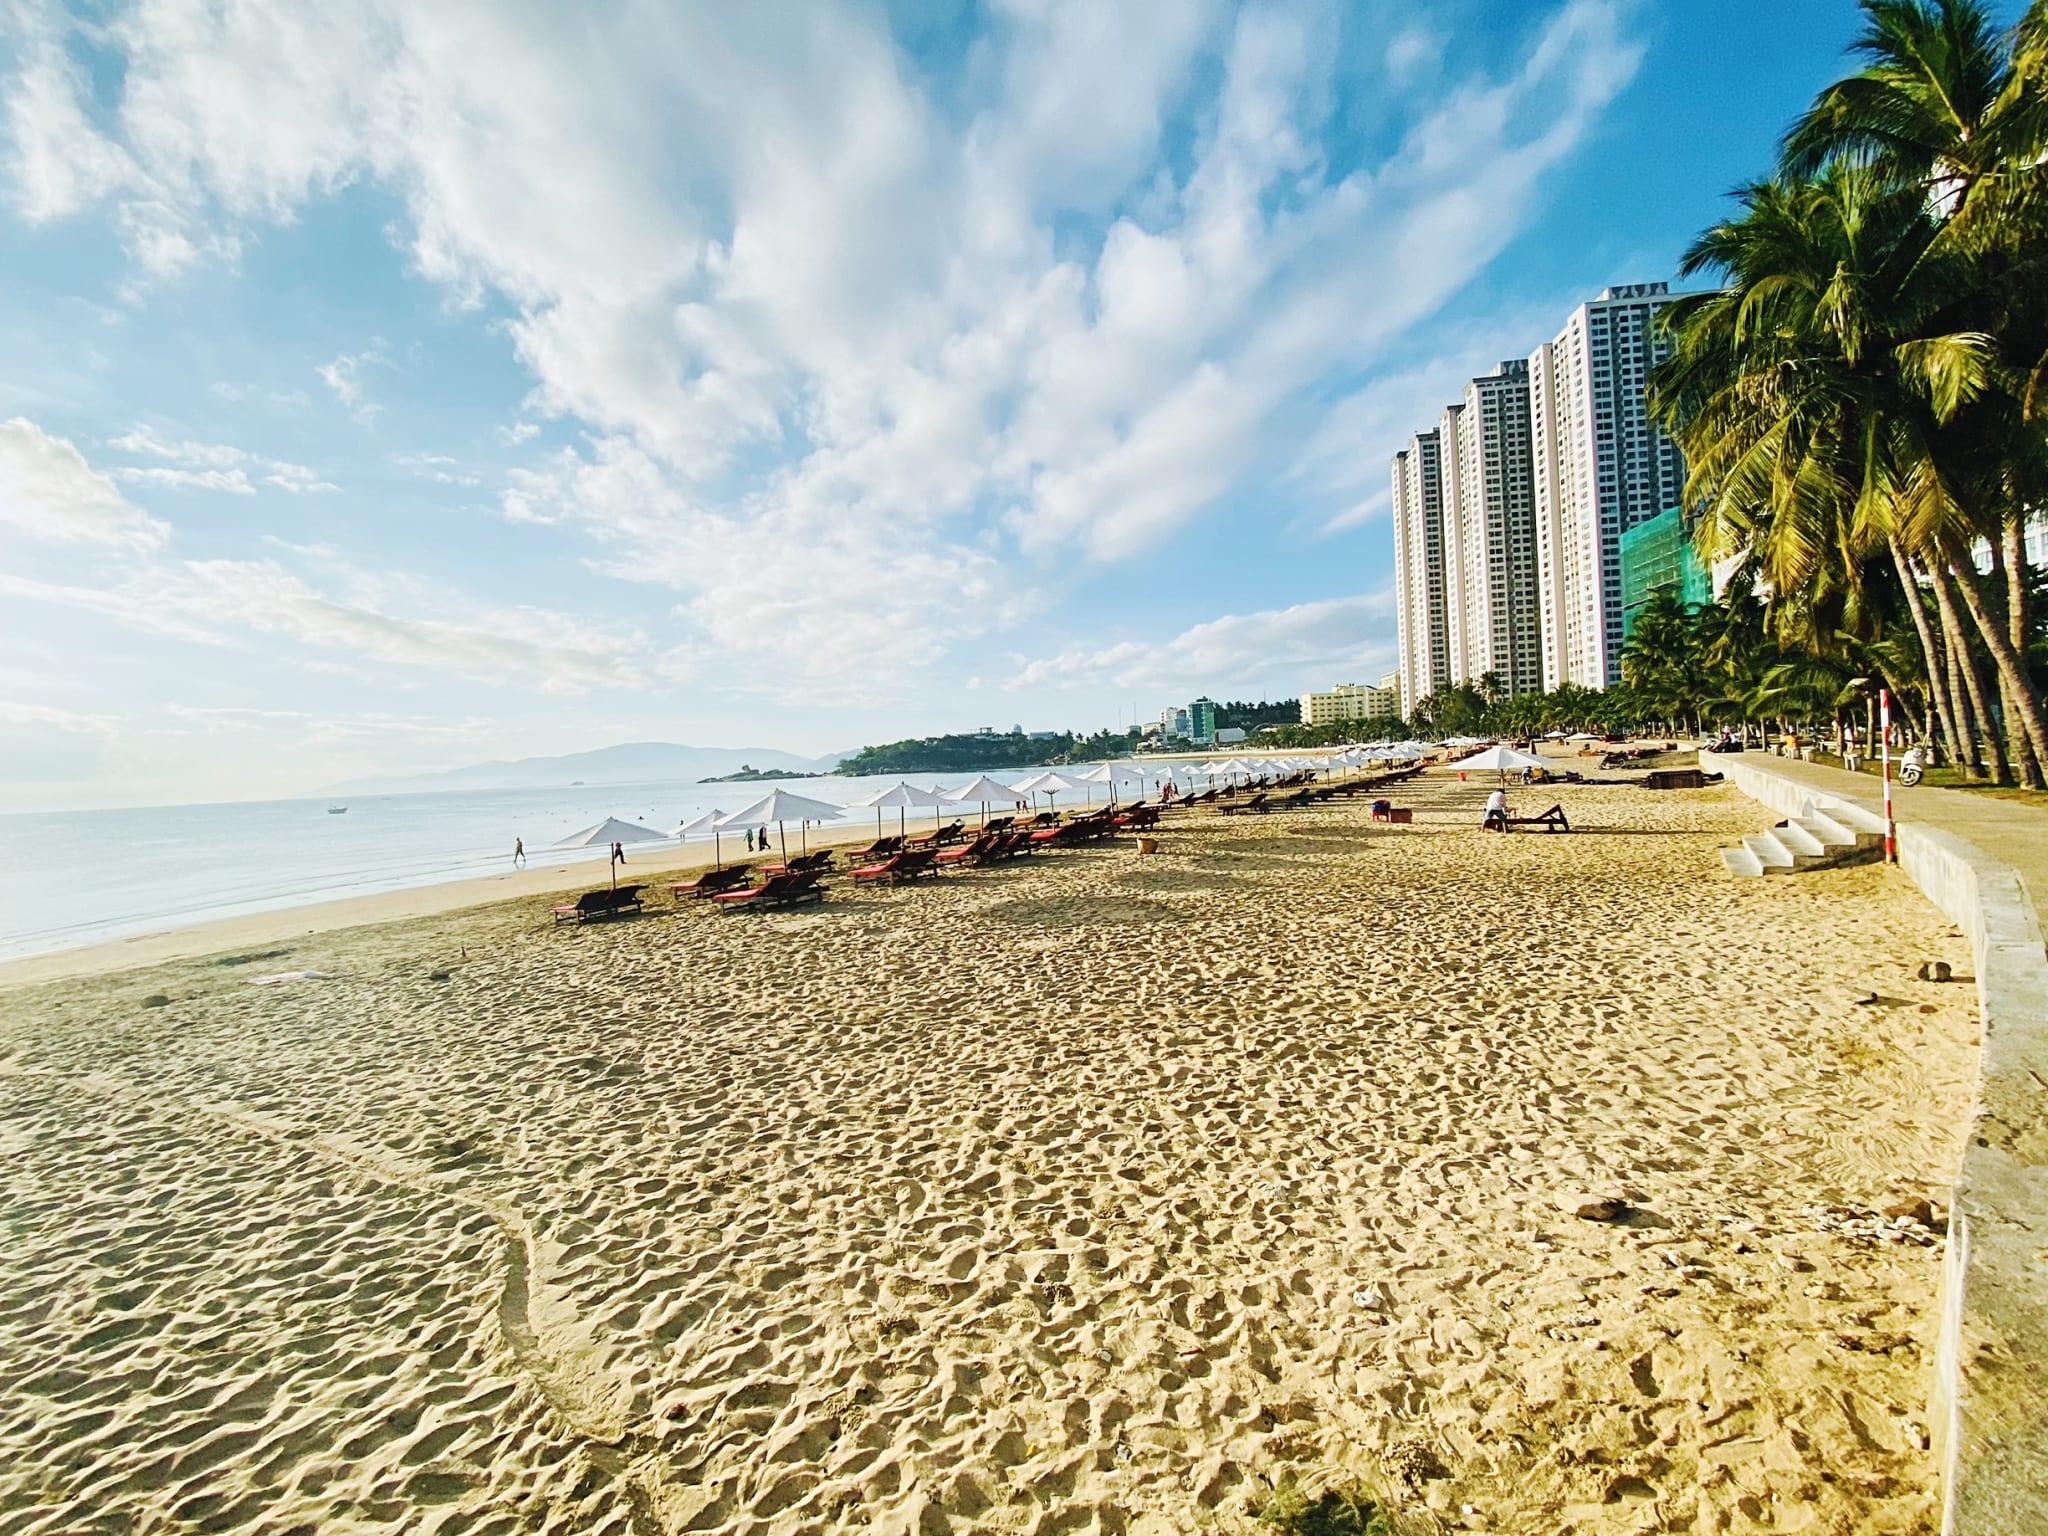 Bãi Biển Hòn Chồng - Chung Cư Mường Thanh Viễn Triều Nha Trang (OCEANUS Viễn Triều Nha Trang)